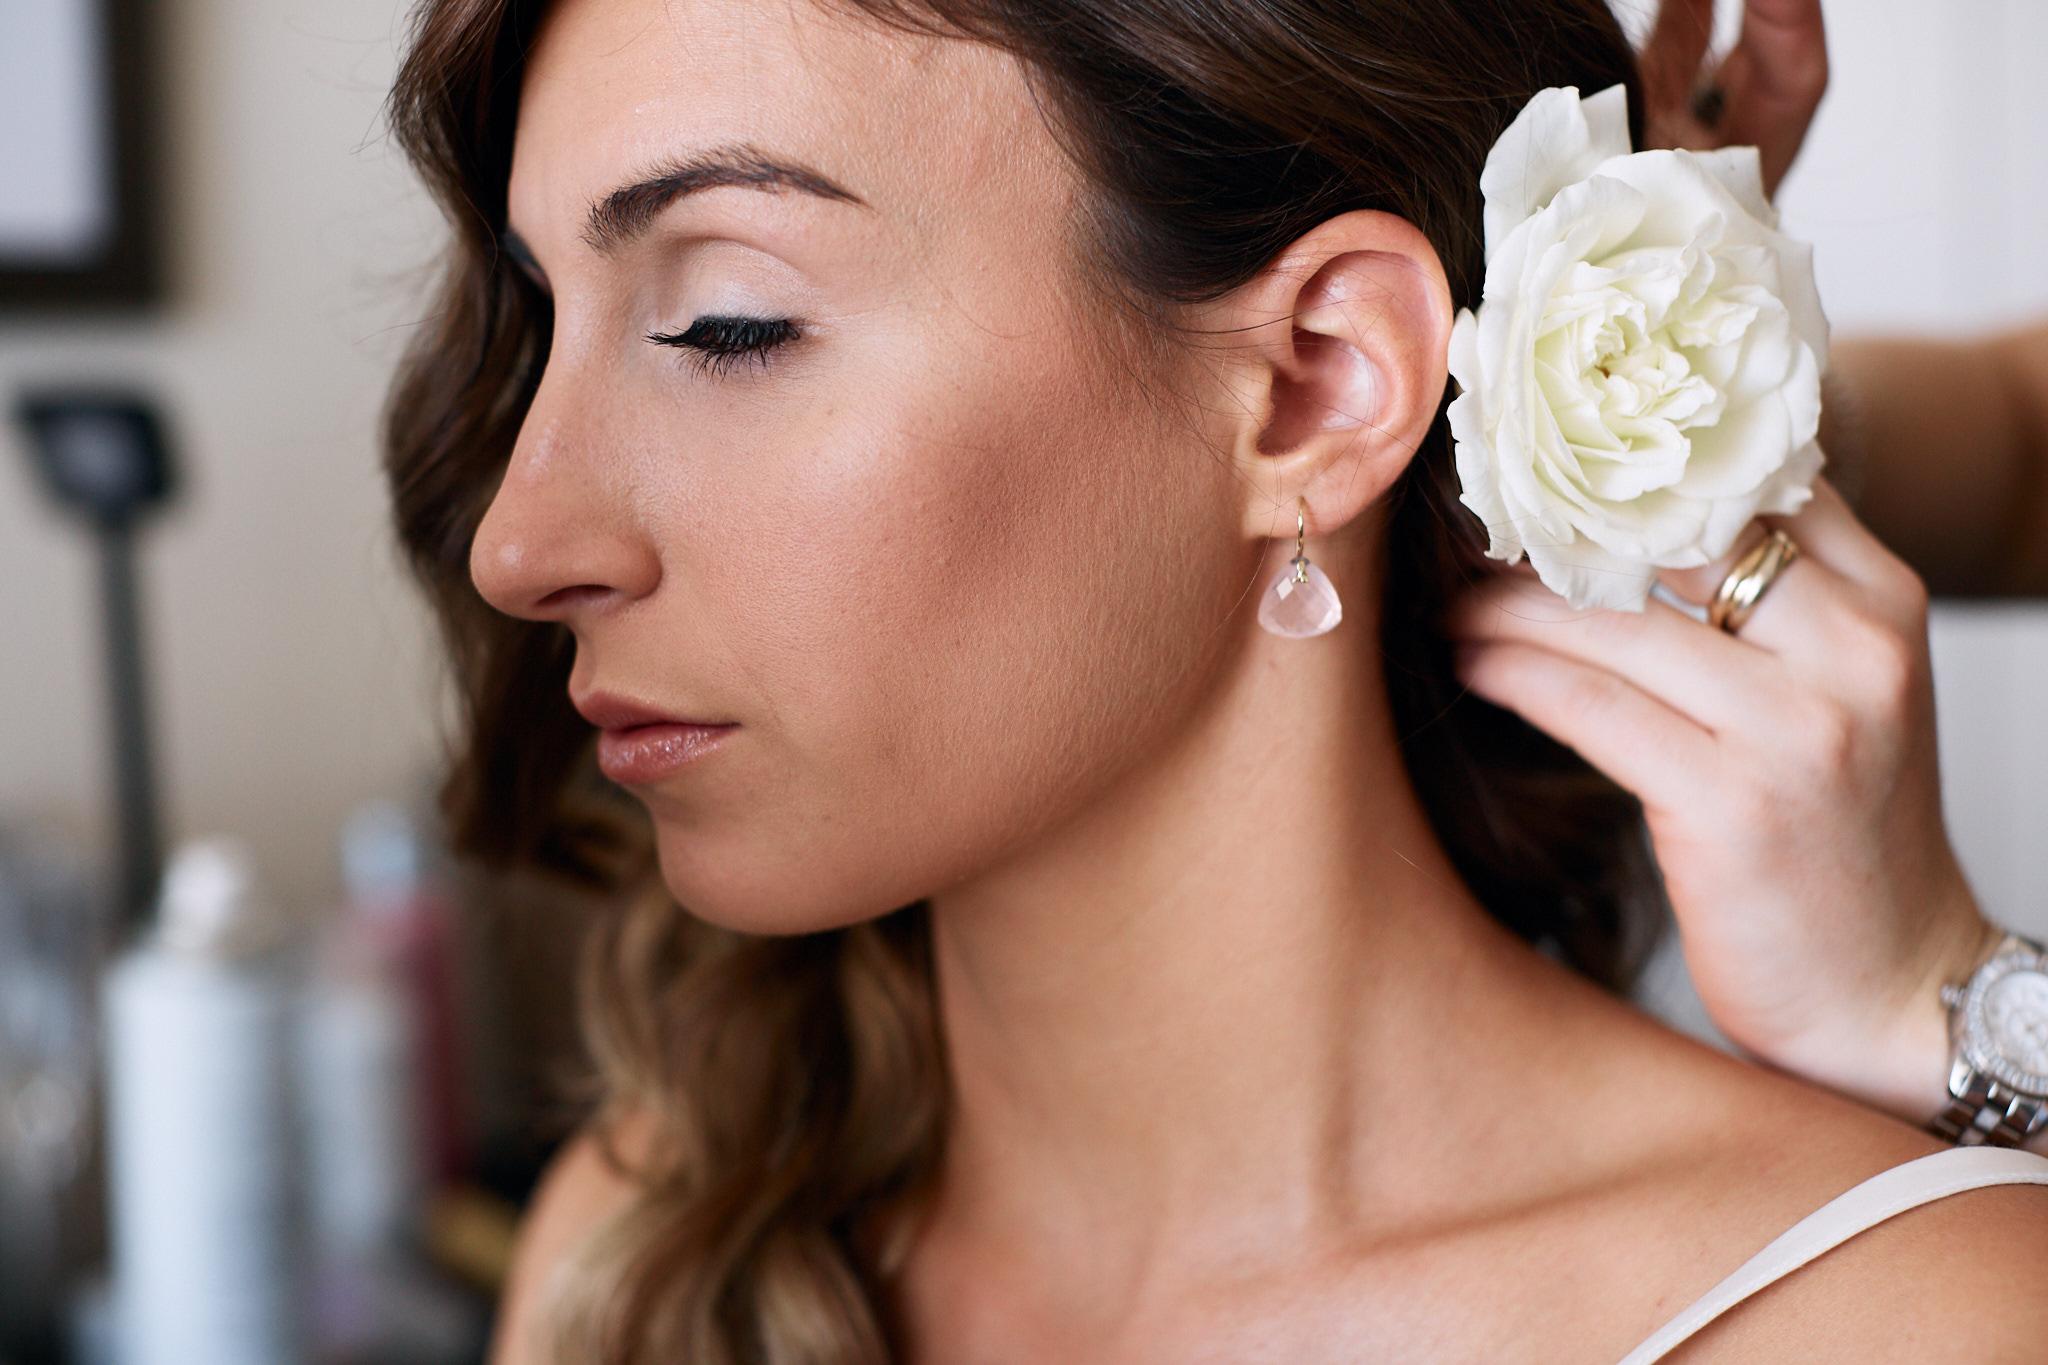 bride earing and flower in hair.jpg